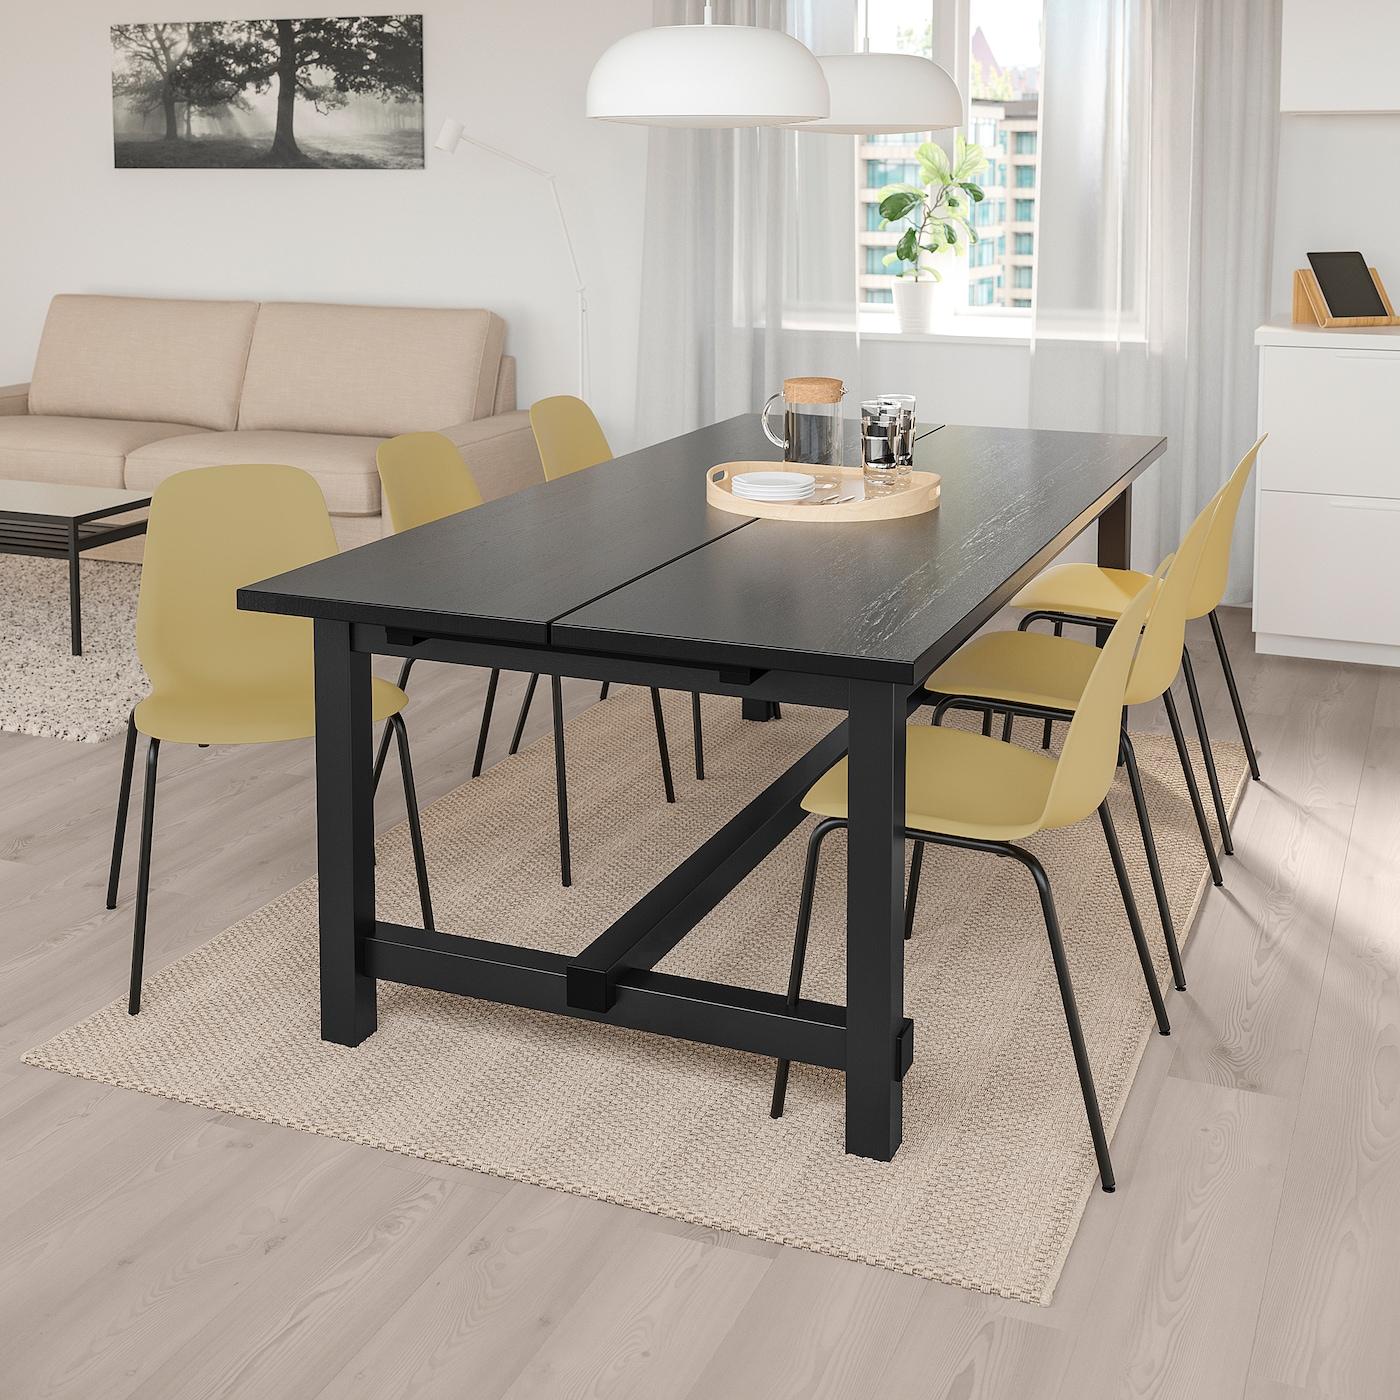 NORDVIKEN LEIFARNE Table et 6 chaises, noir, vert olive